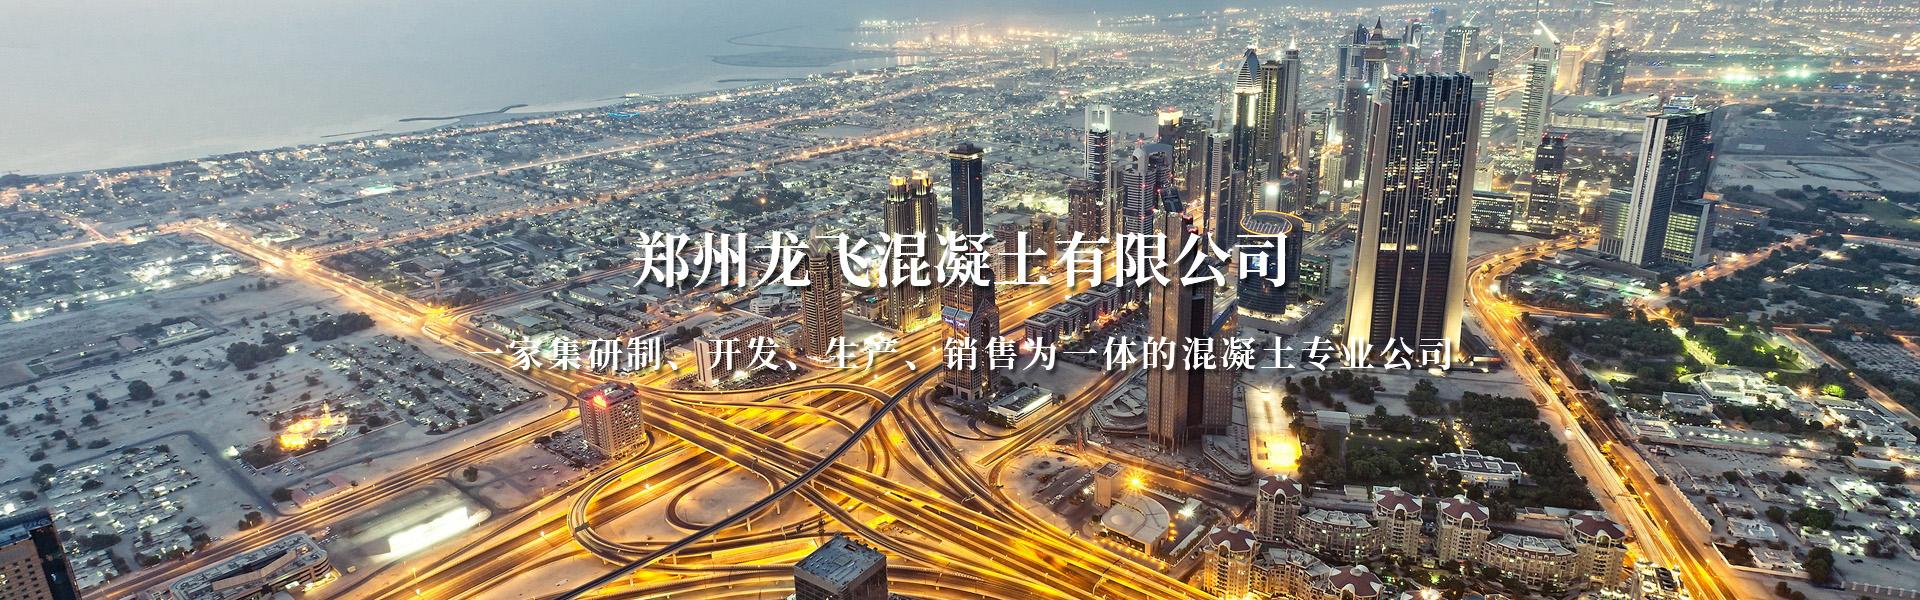 郑州混凝土